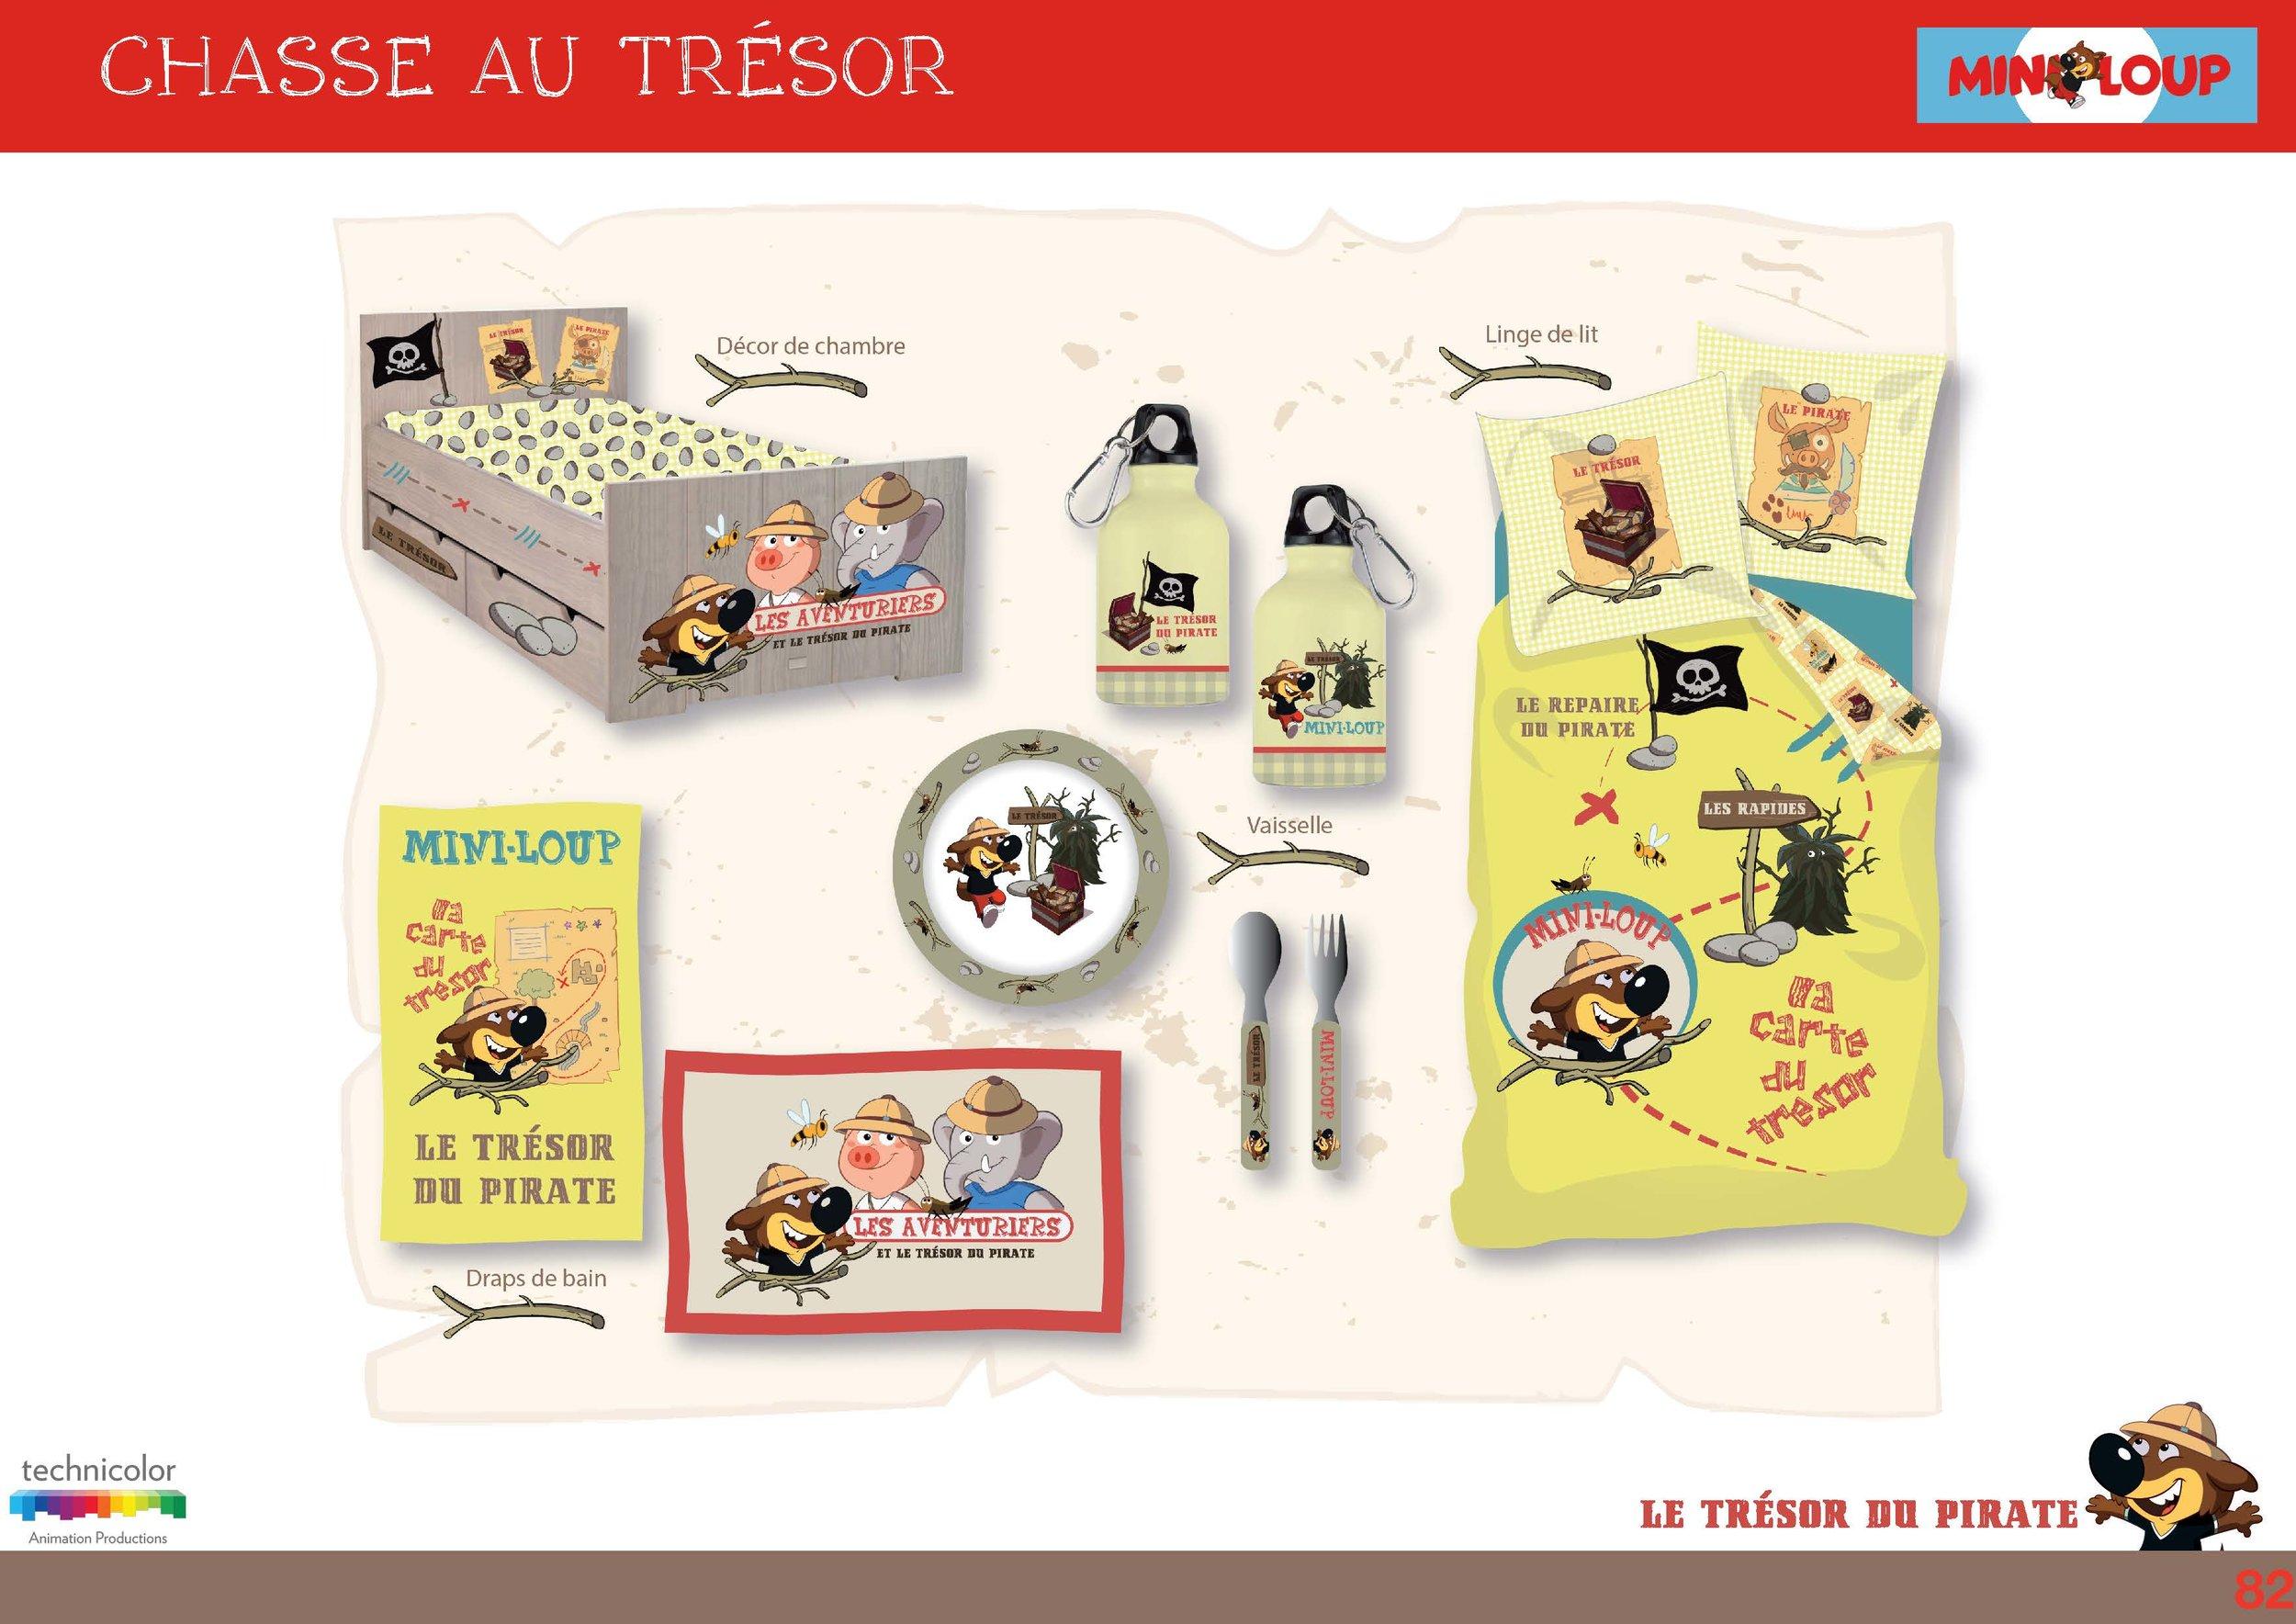 Charte Mini-Loup_Page_82.jpg